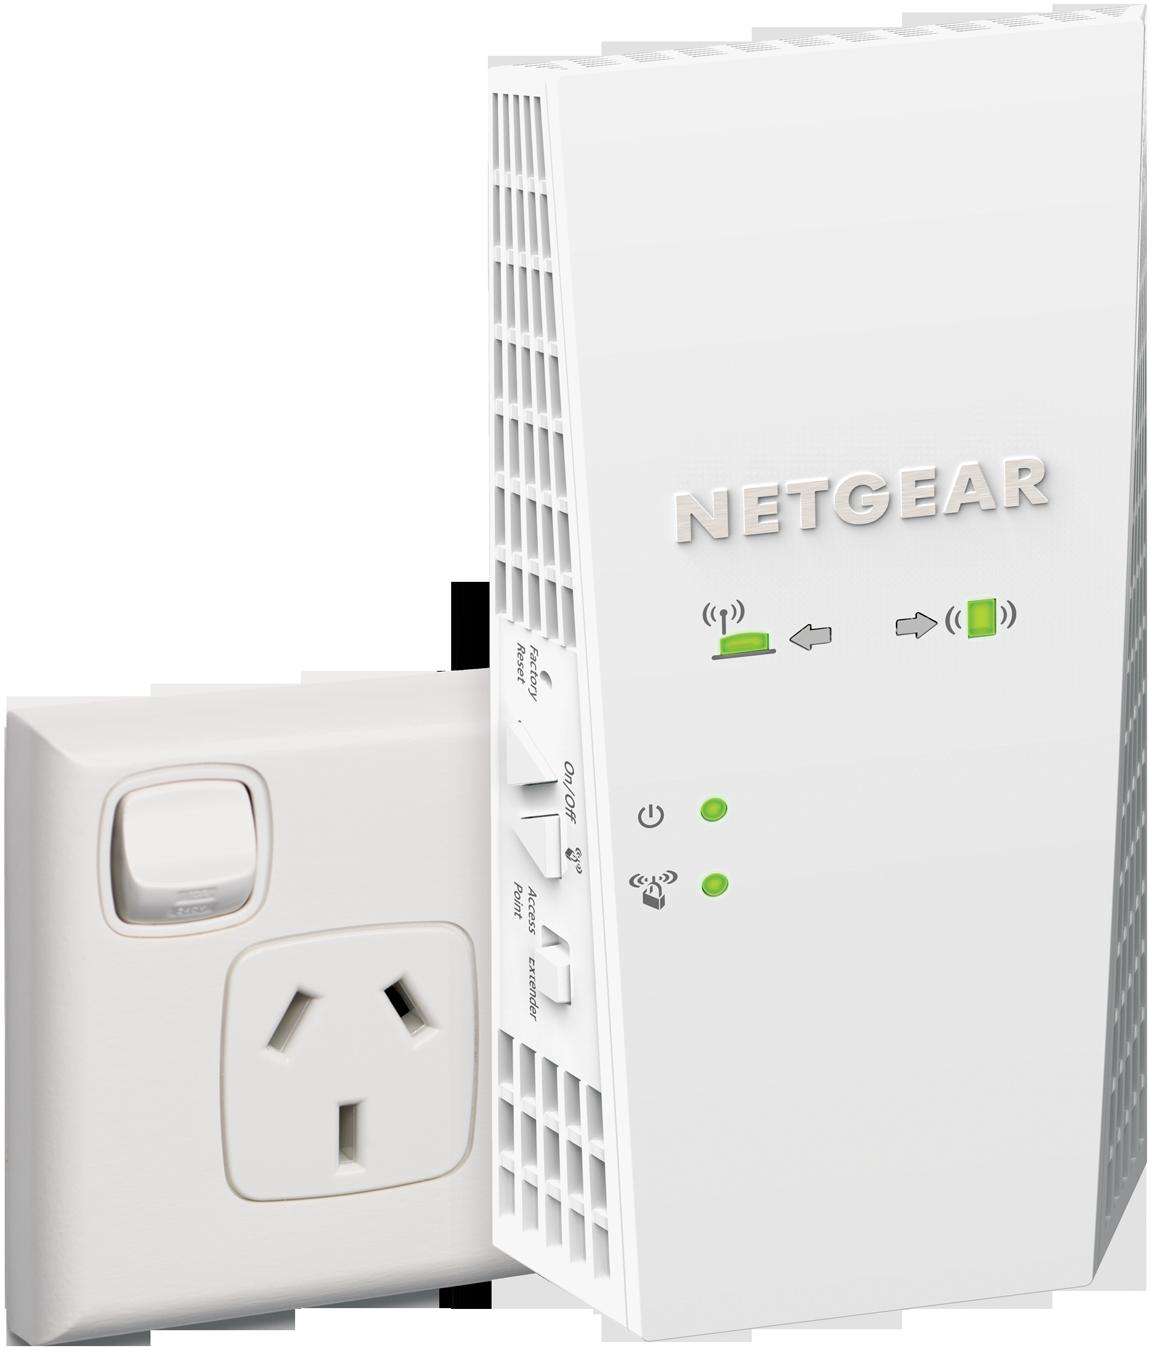 EX7300 | WiFi Range Extenders | Networking | Home | NETGEAR